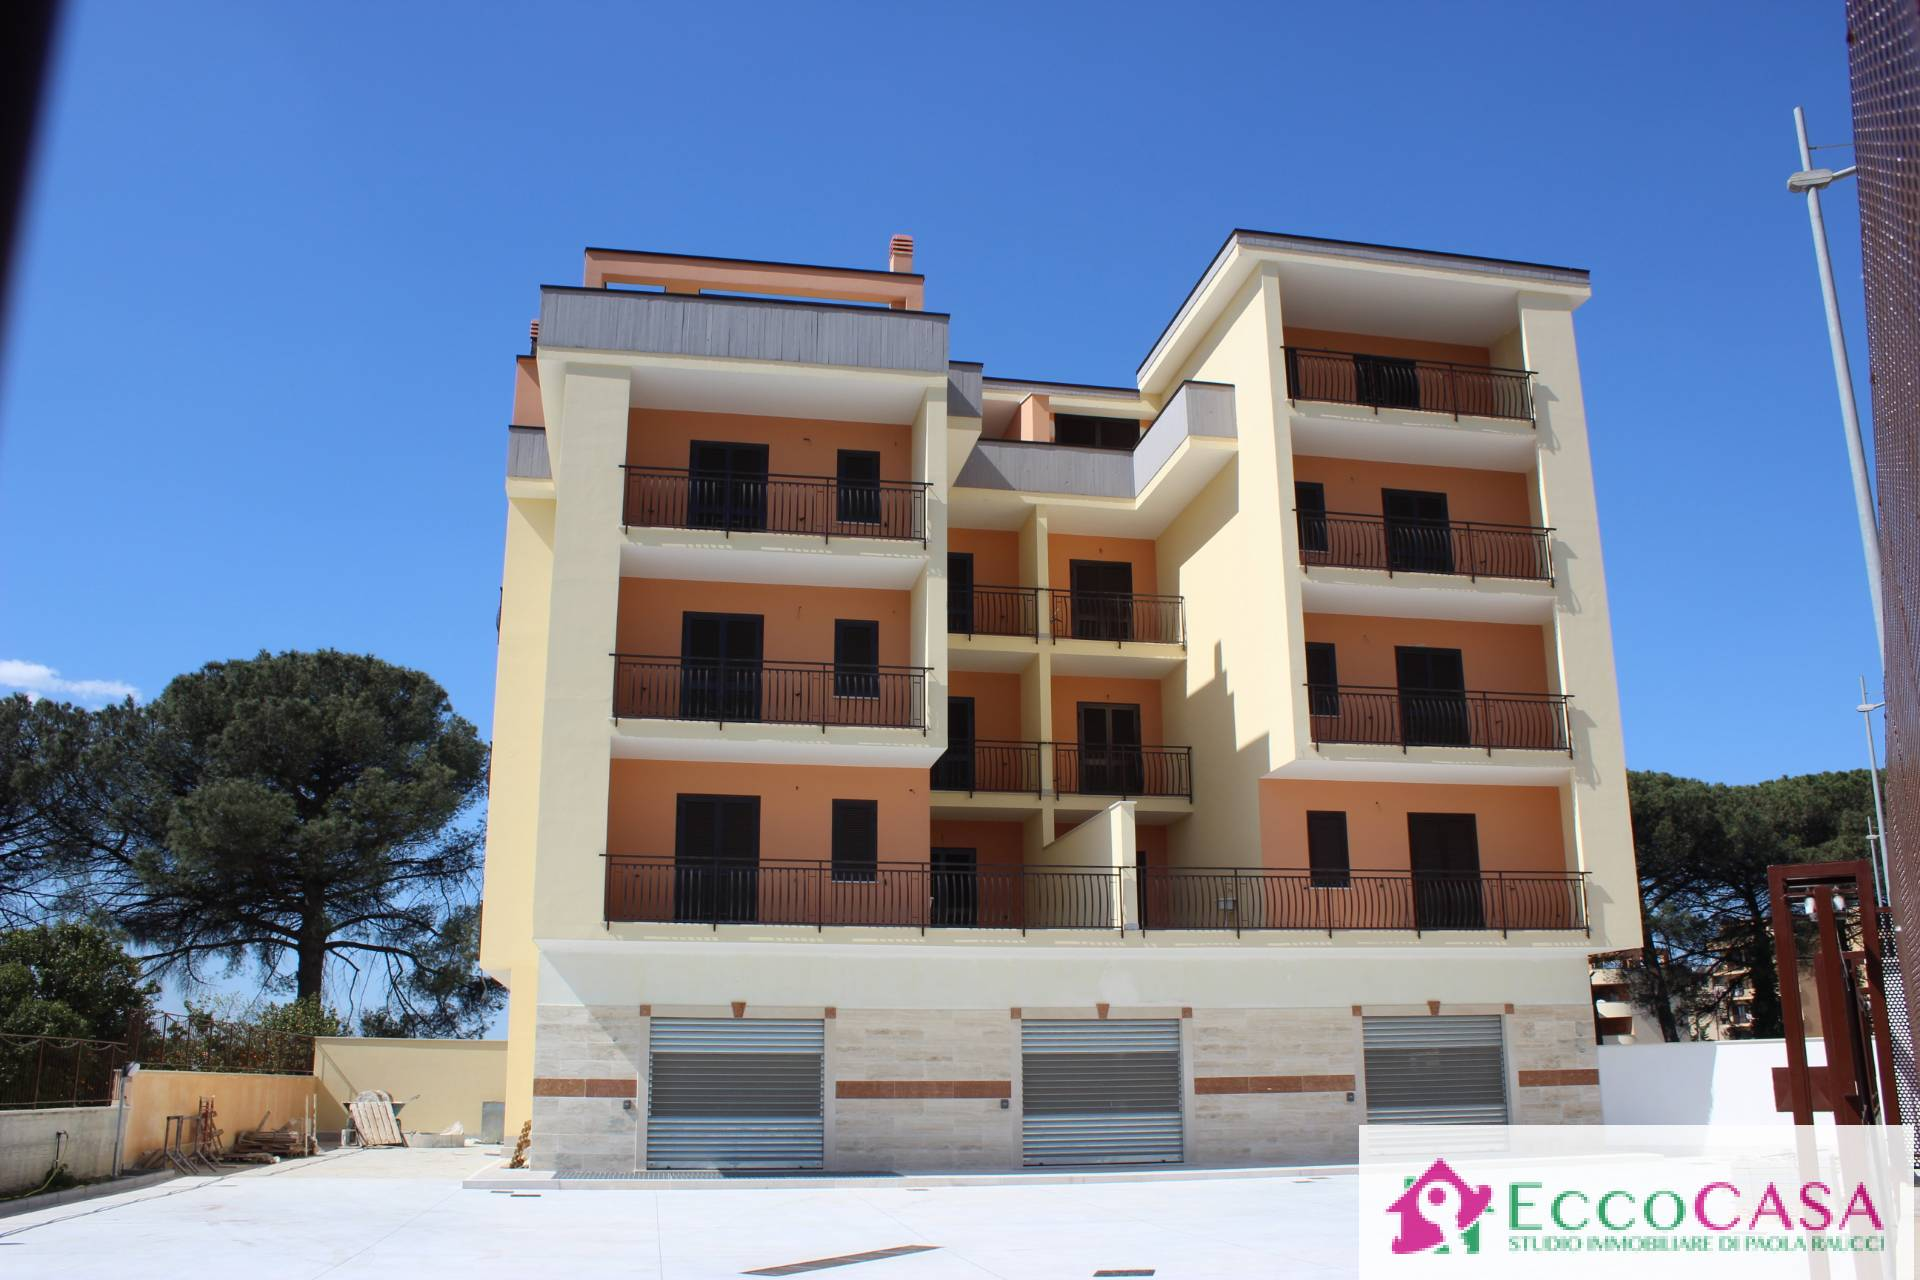 Appartamento in vendita a Maddaloni, 3 locali, Trattative riservate   CambioCasa.it